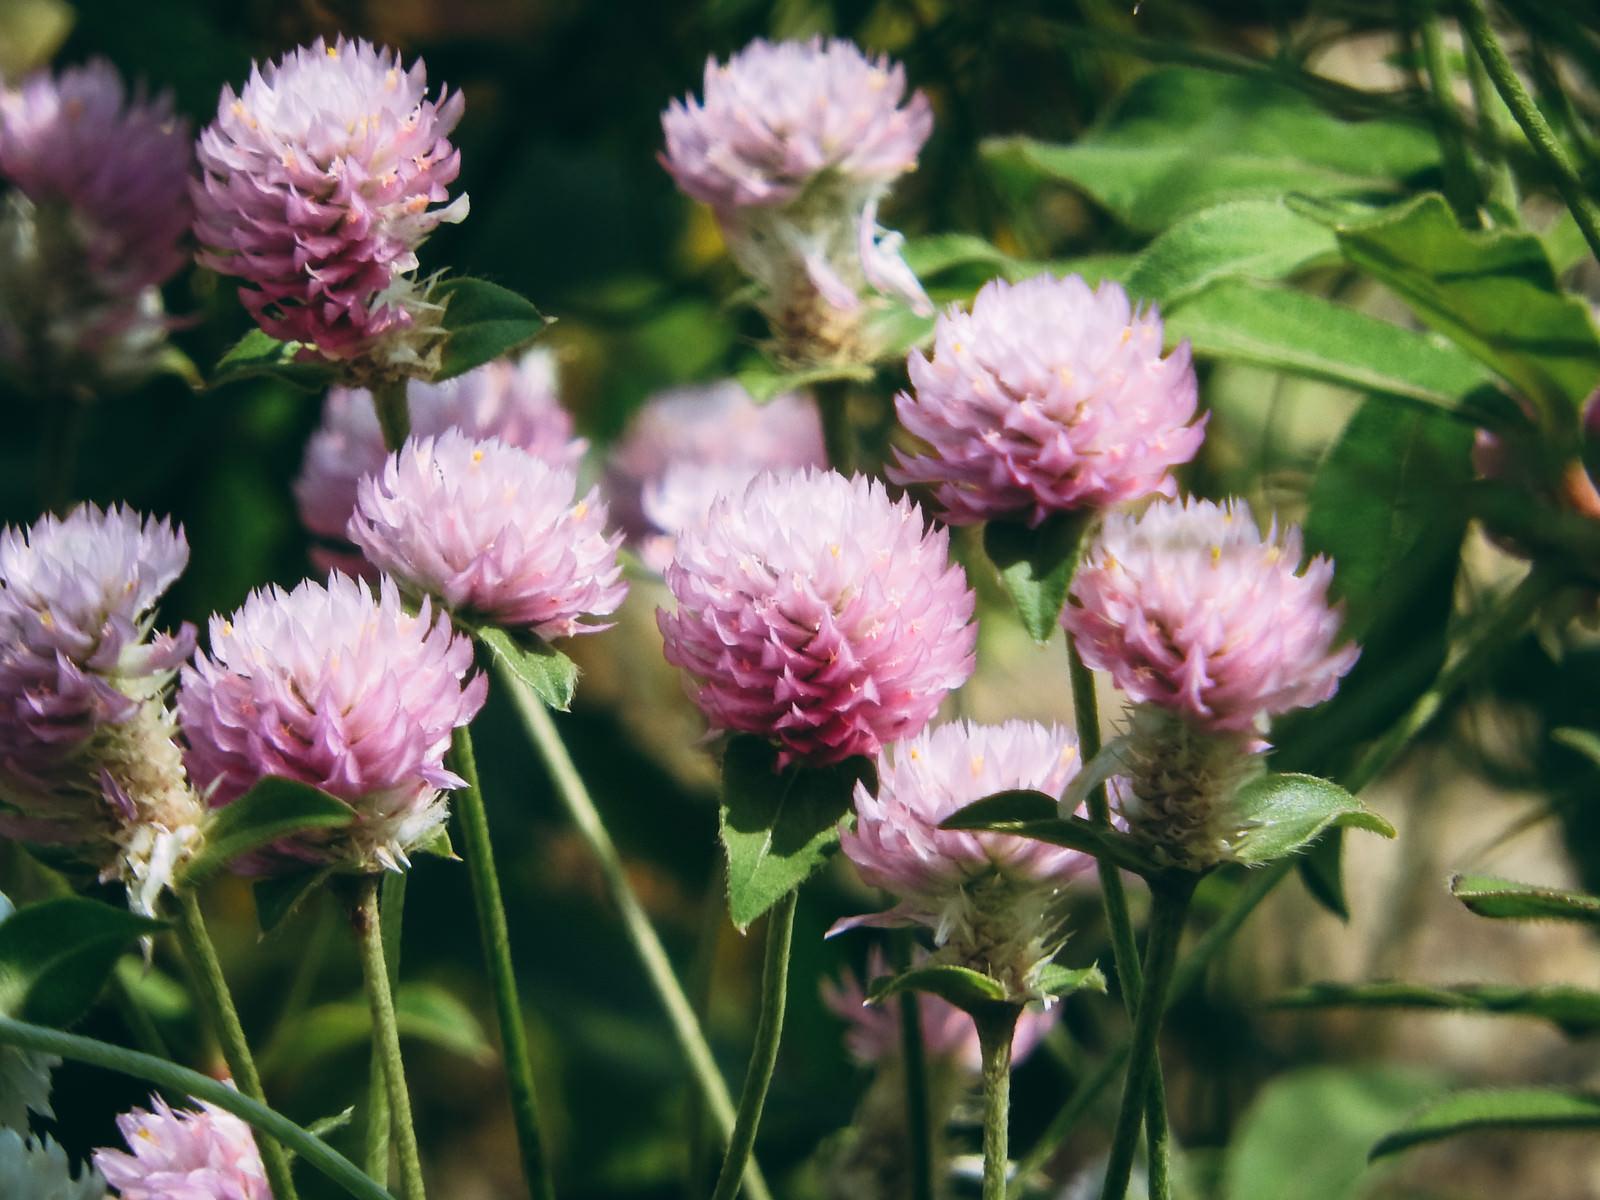 「センニチコウのピンク色の苞」の写真